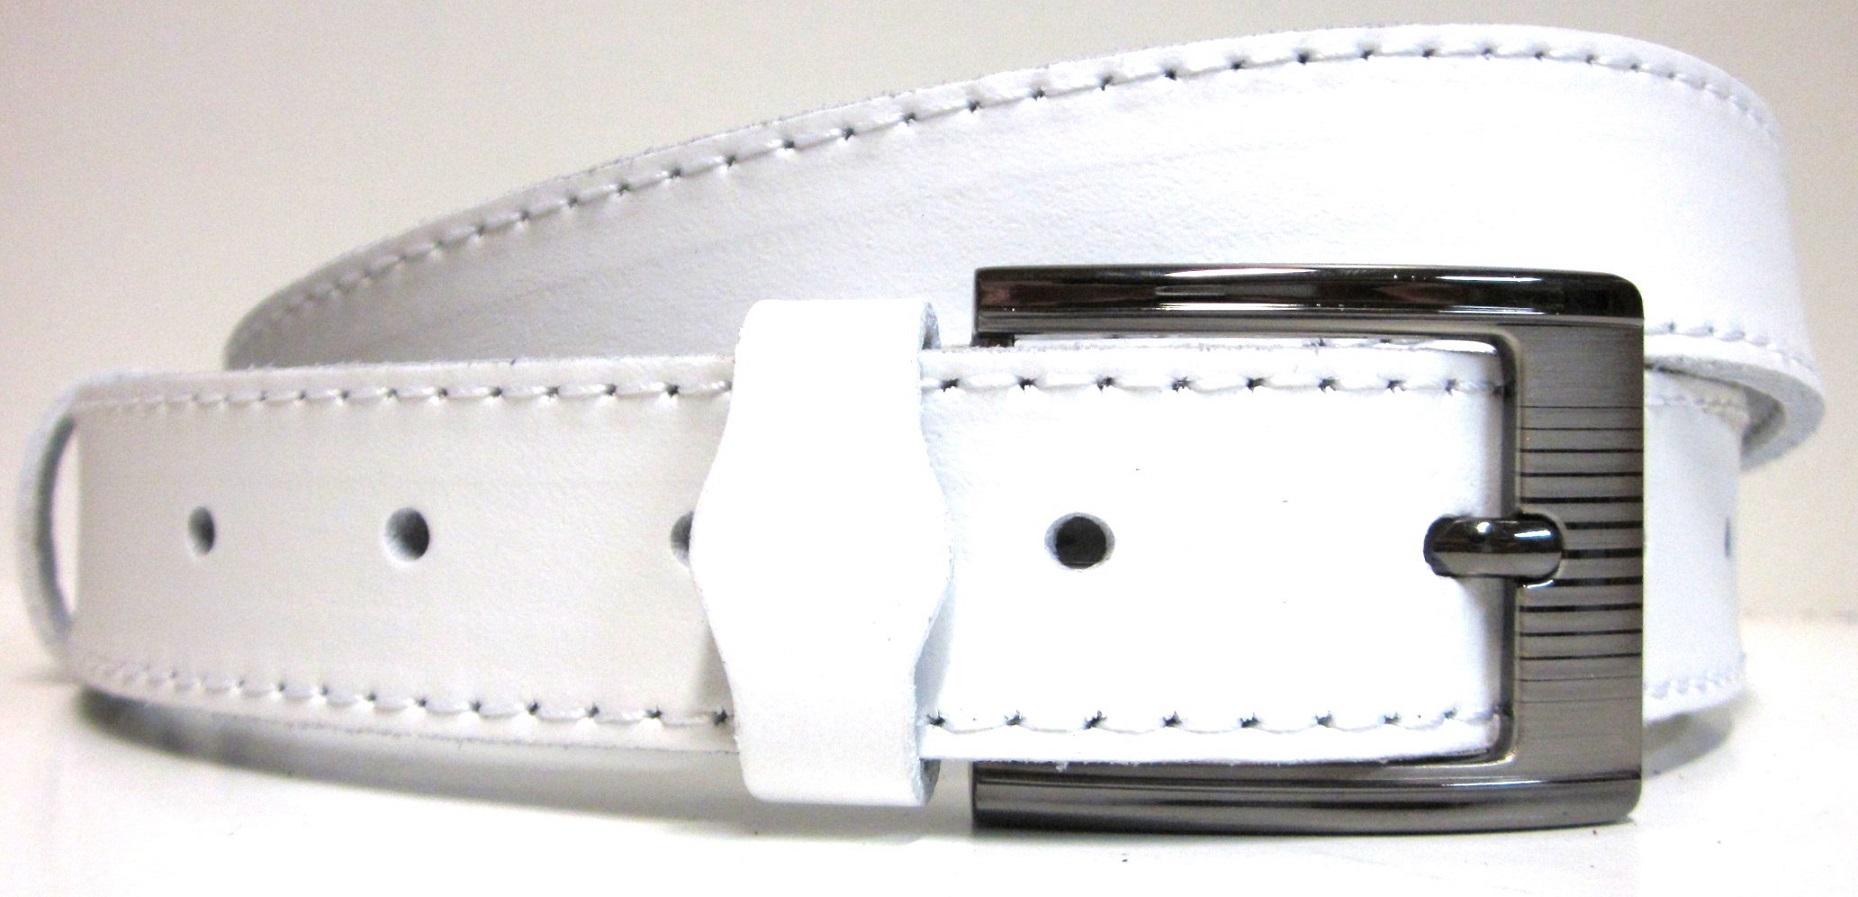 aafcfc1ef45 Bílý opasek - kožený opasek s velkou přezkou bílý